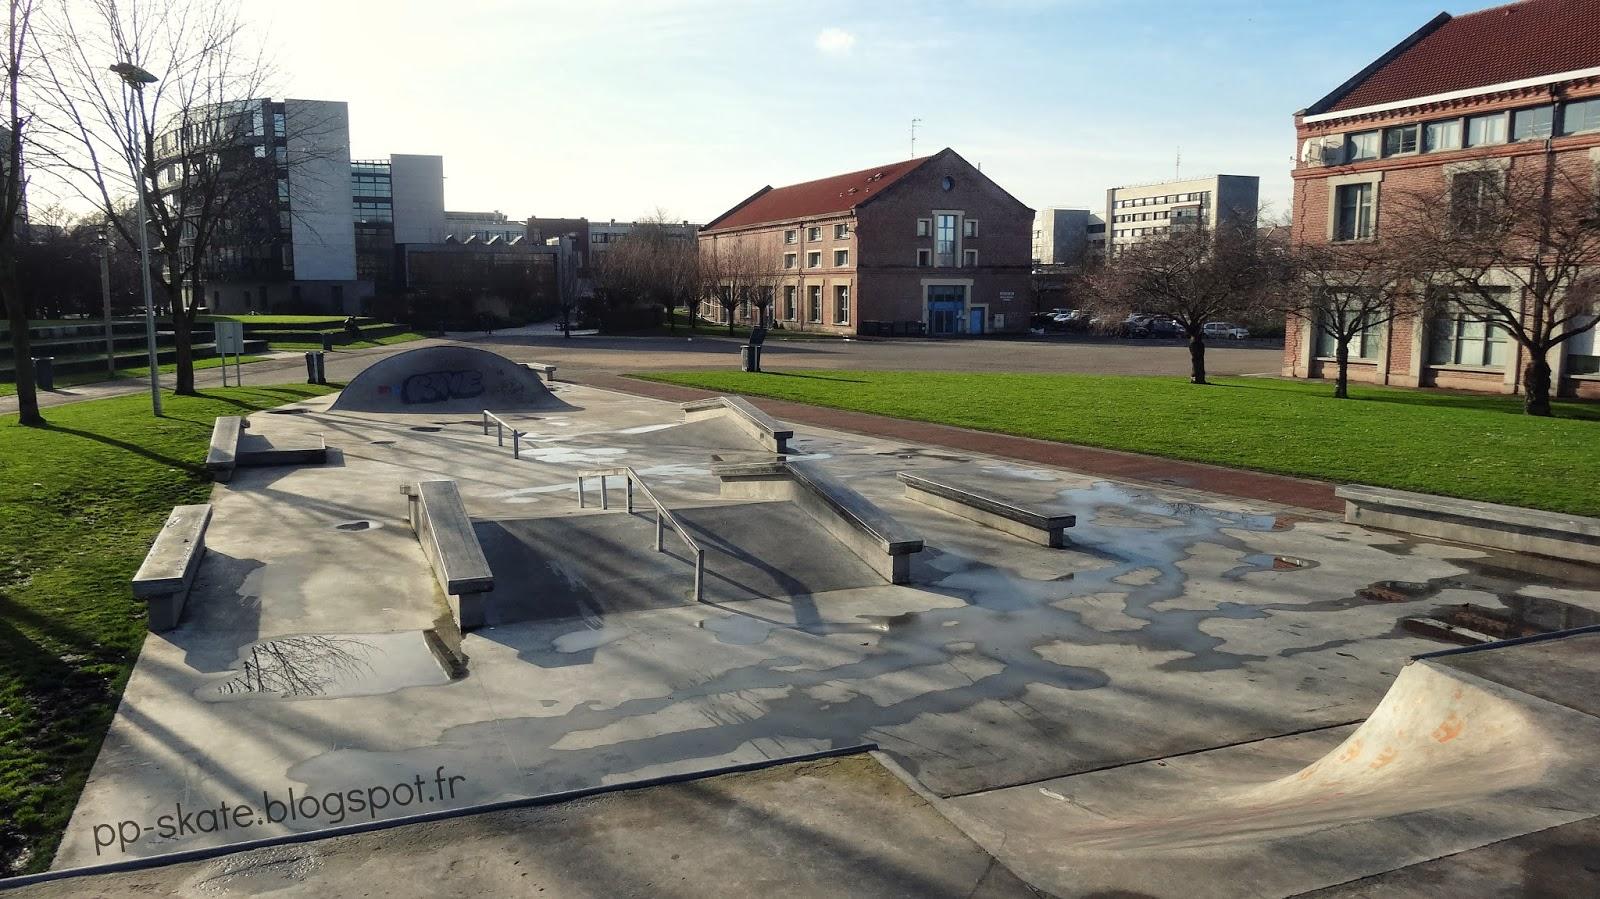 Skatepark Douai